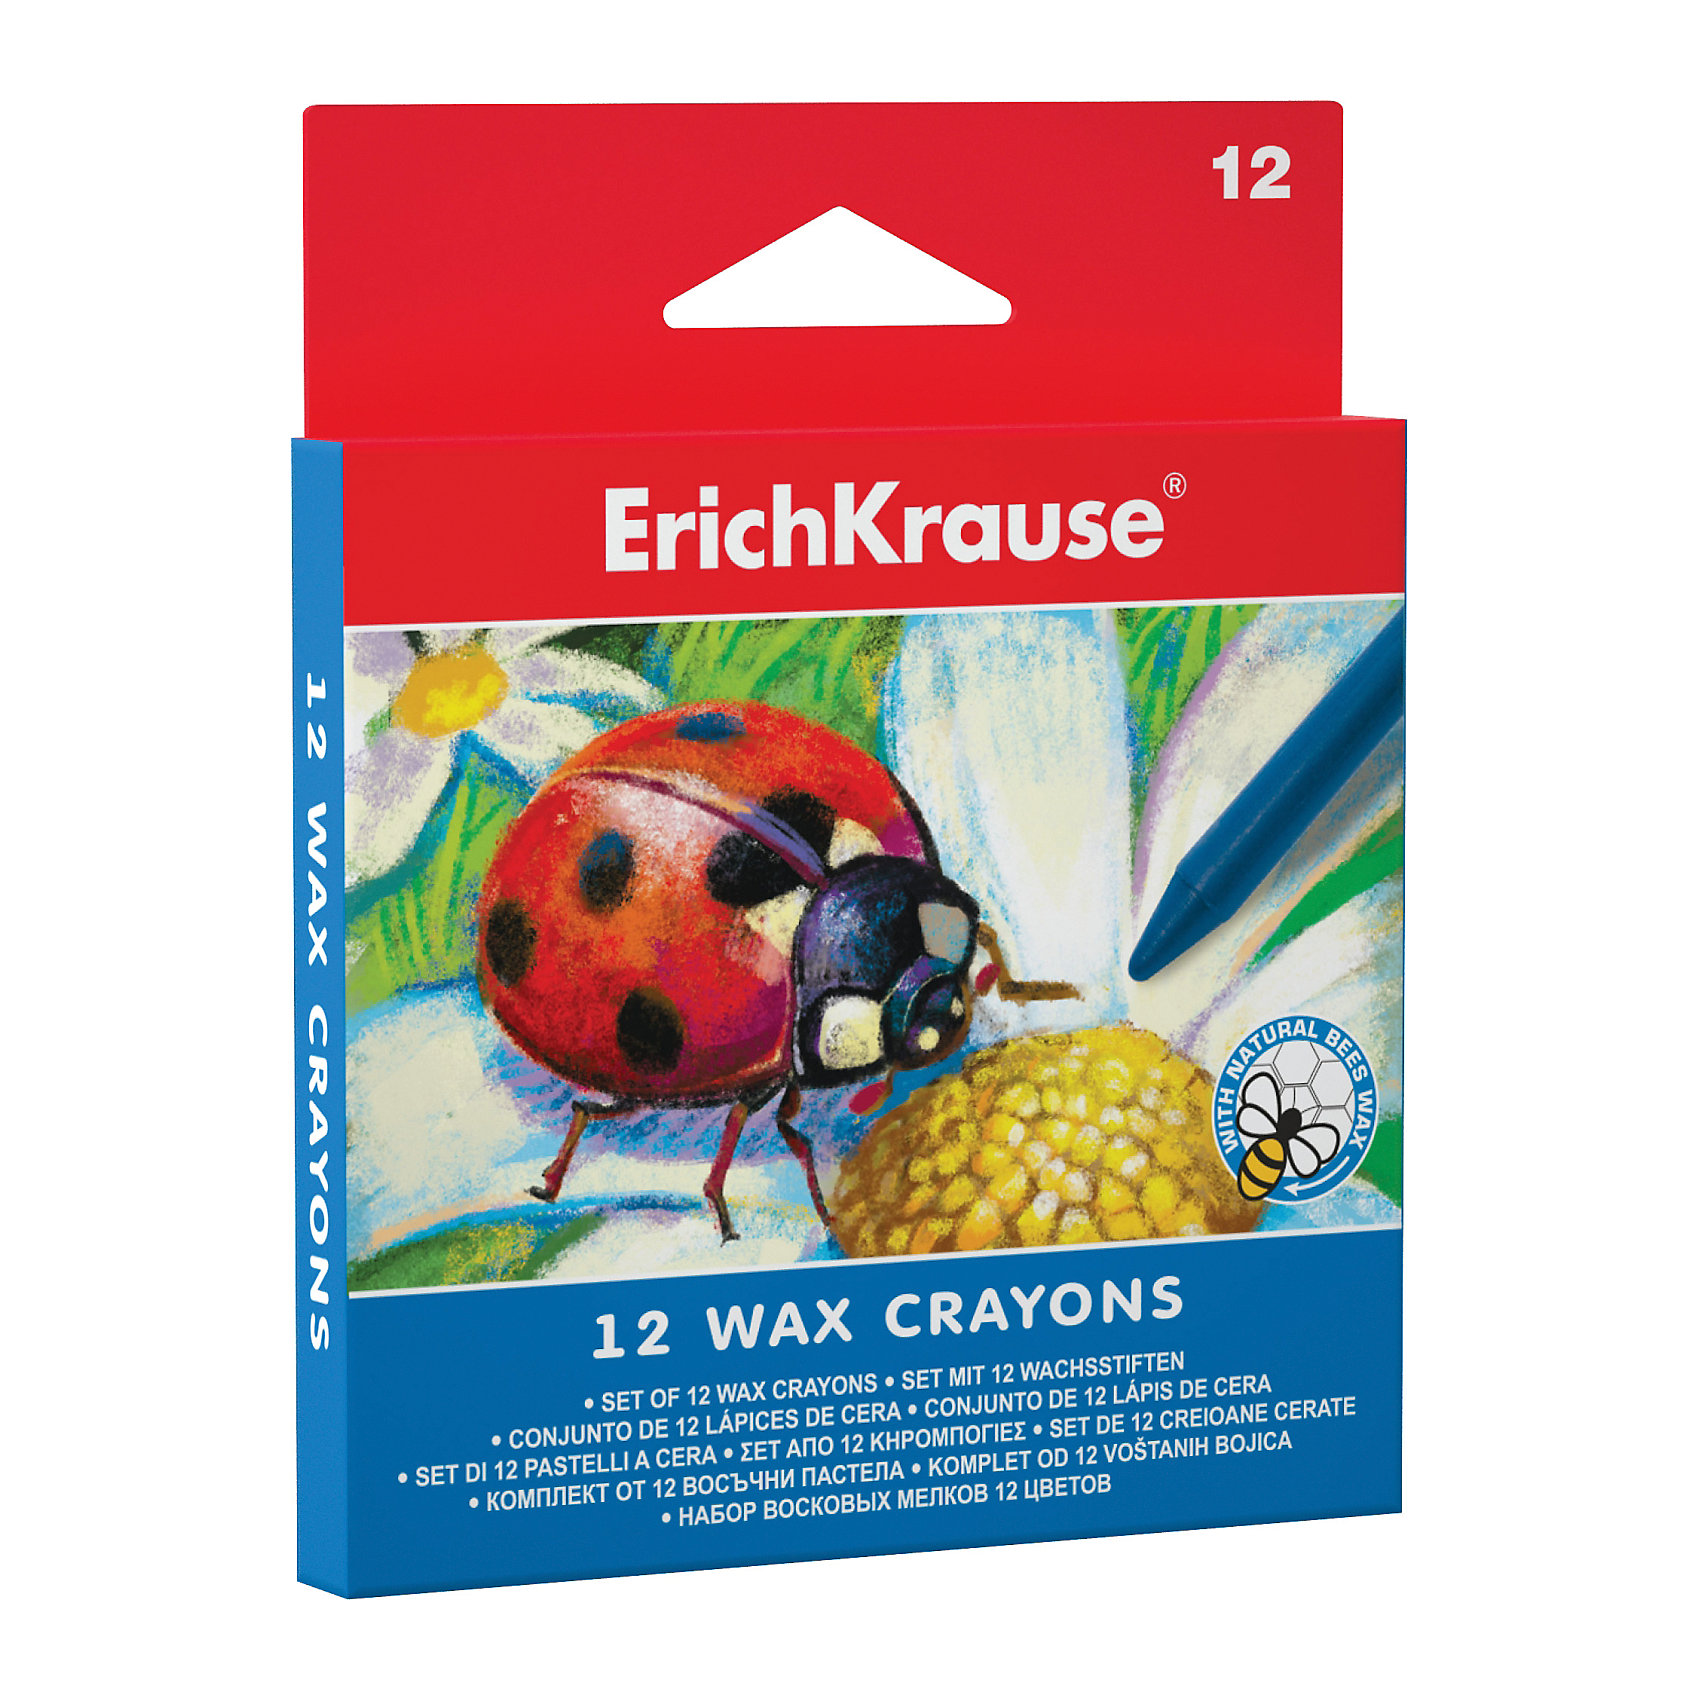 Восковые мелки, 12 цв., ErichKrauseМасляные и восковые мелки<br>Восковые мелки, 12 цв., ErichKrause (Эрих Краузе) - это настоящая находка для юного художника.<br>Восковые мелки от торговой марки Erich Krause (Эрих Краузе) изготовлены из пчелиного воска с добавлением натуральных красителей и абсолютно безопасны для здоровья малыша. Картонная коробка содержит 12 мелков ярких насыщенных цветов, которые позволят ребенку создать красочные шедевры. Мелки мягко ложатся, оставляют яркие, четкие линии, обеспечивают равномерное закрашивание. Каждый мелок в бумажной обертке. Восковые мелки подарят вашему ребенку множество часов творчества и хорошее настроение!<br><br>Дополнительная информация:<br><br>- Количество: 12 шт.<br>- Материал: полимерный воск<br>- Диаметр мелка: 0,7 см.<br>- Длина мелка: 9 см.<br>- Упаковка: картонная коробка с европодвесом<br>- Размер упаковки: 1 ? 12 ? 10 см.<br><br>Восковые мелки, 12 цв., ErichKrause (Эрих Краузе) можно купить в нашем интернет-магазине.<br><br>Ширина мм: 98<br>Глубина мм: 11<br>Высота мм: 121<br>Вес г: 70<br>Возраст от месяцев: 36<br>Возраст до месяцев: 204<br>Пол: Унисекс<br>Возраст: Детский<br>SKU: 4744503